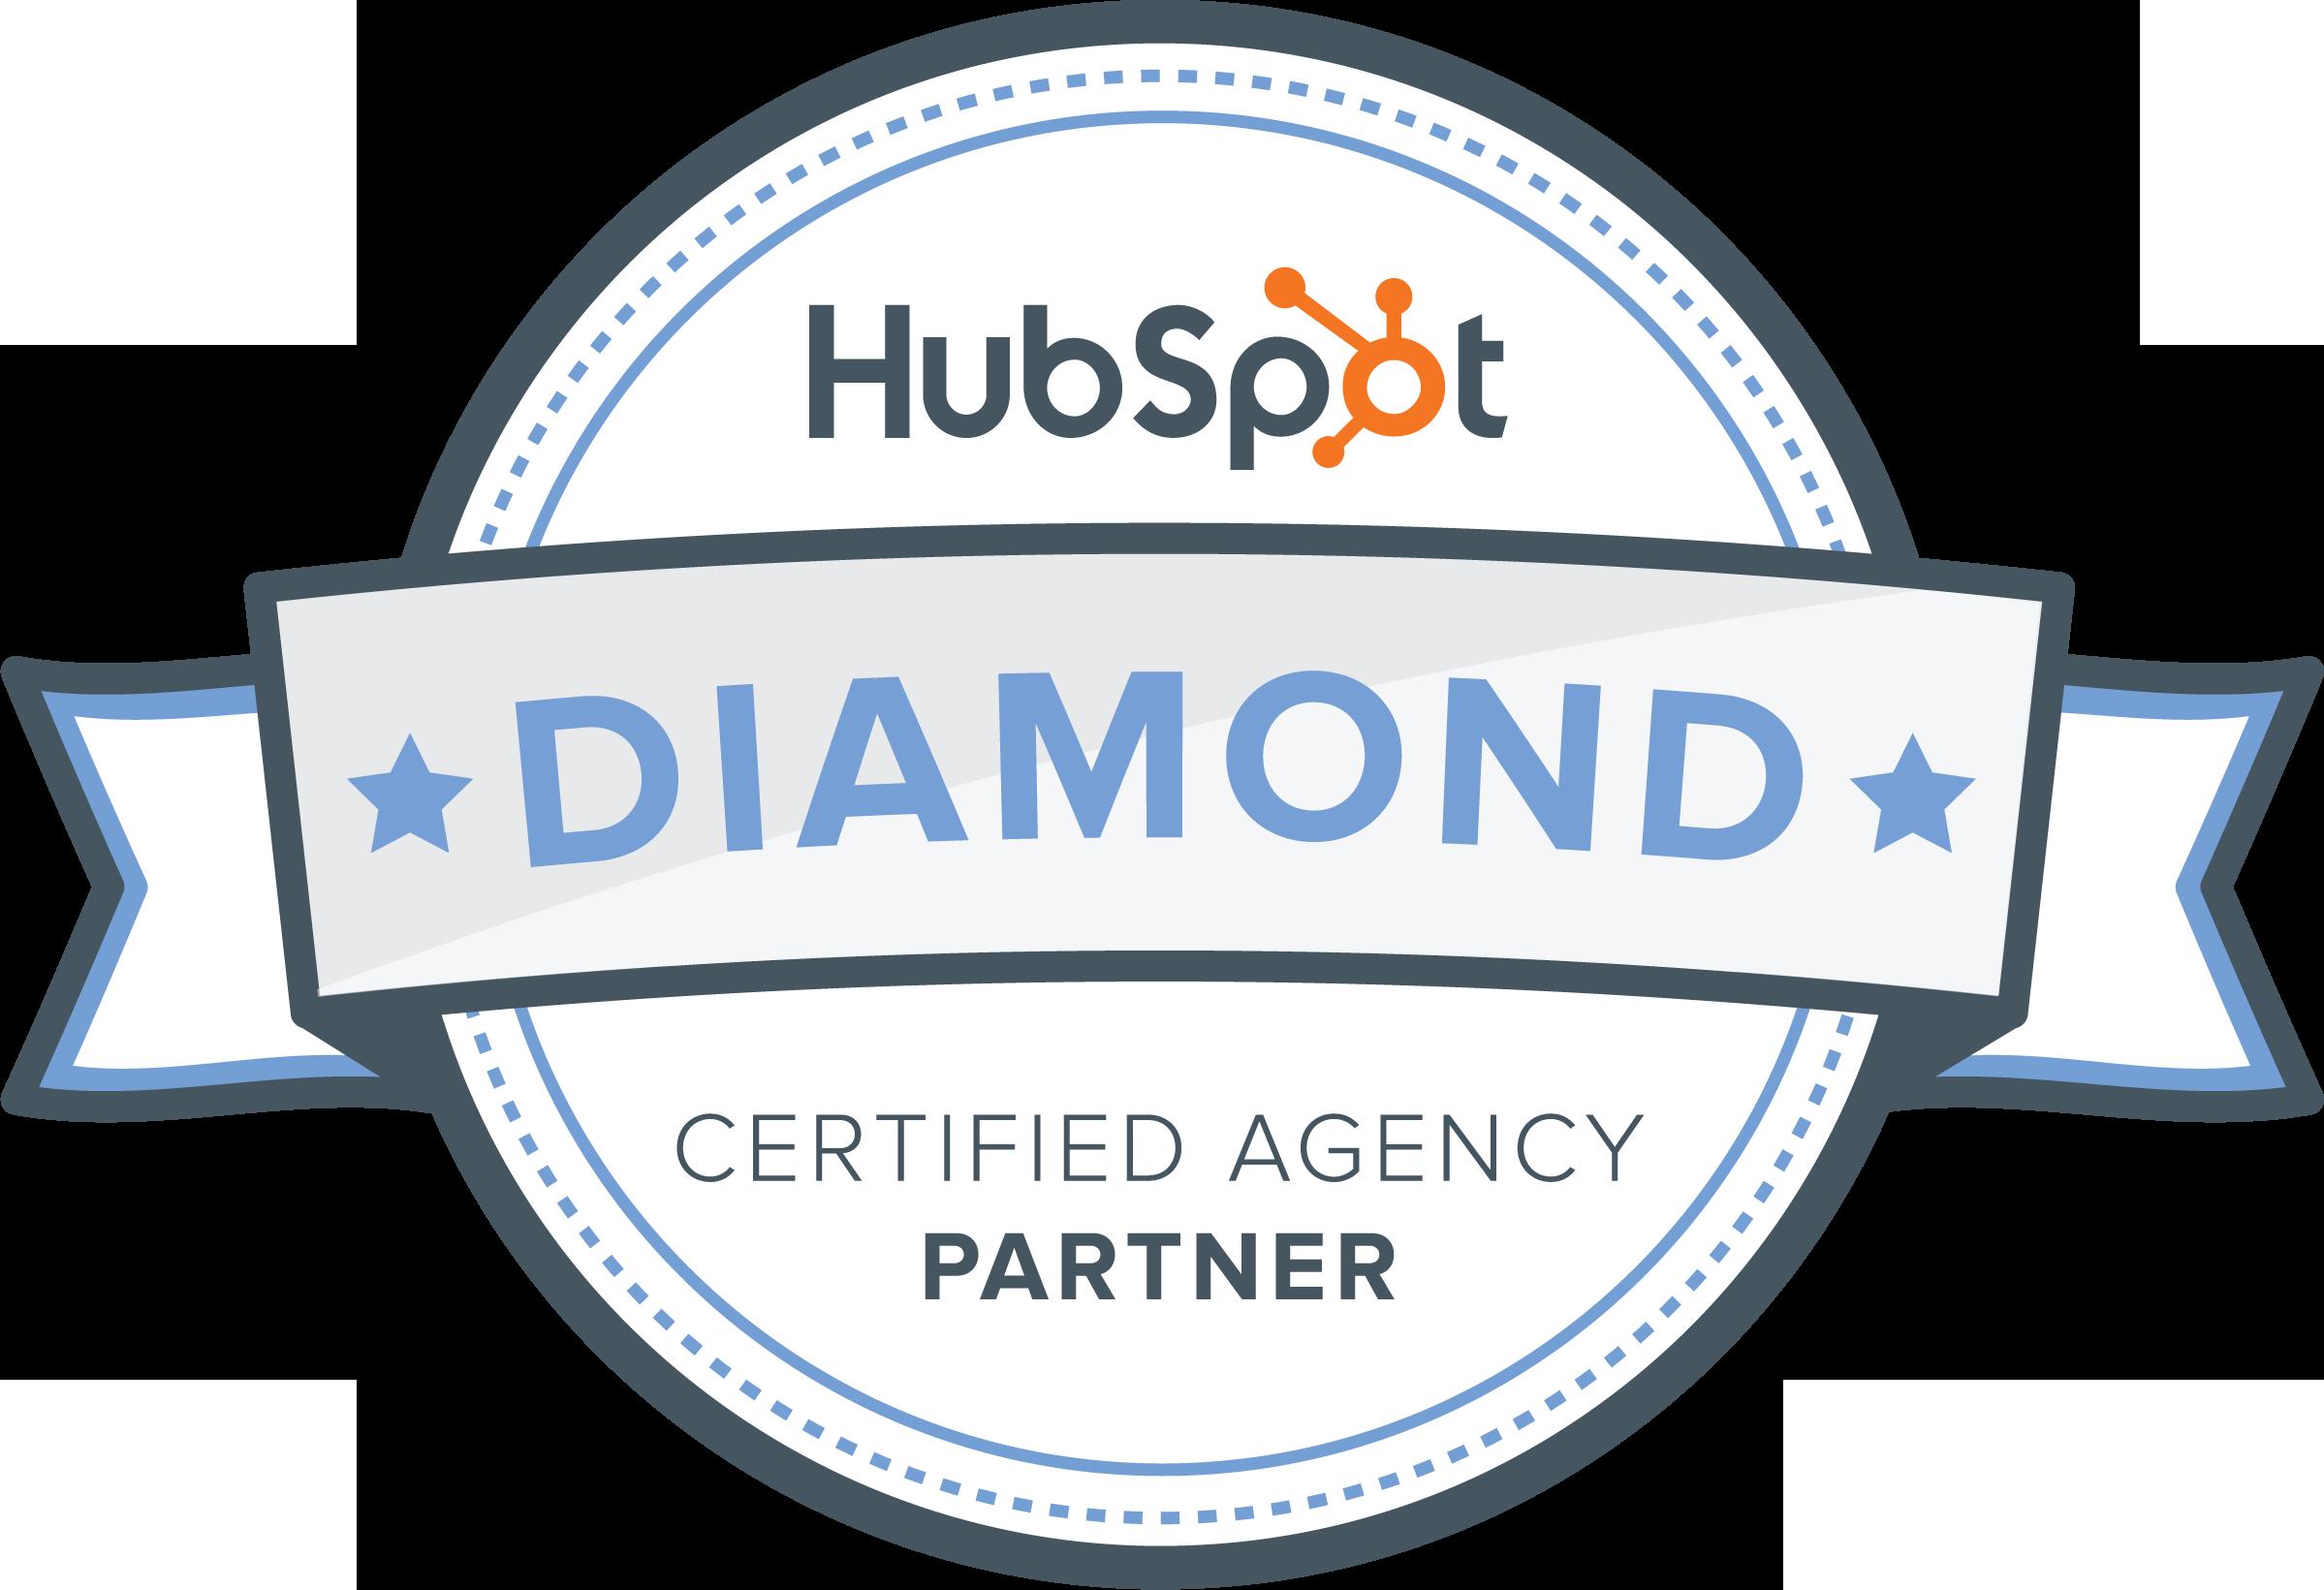 2018 Diamond HubSpot Badge-1